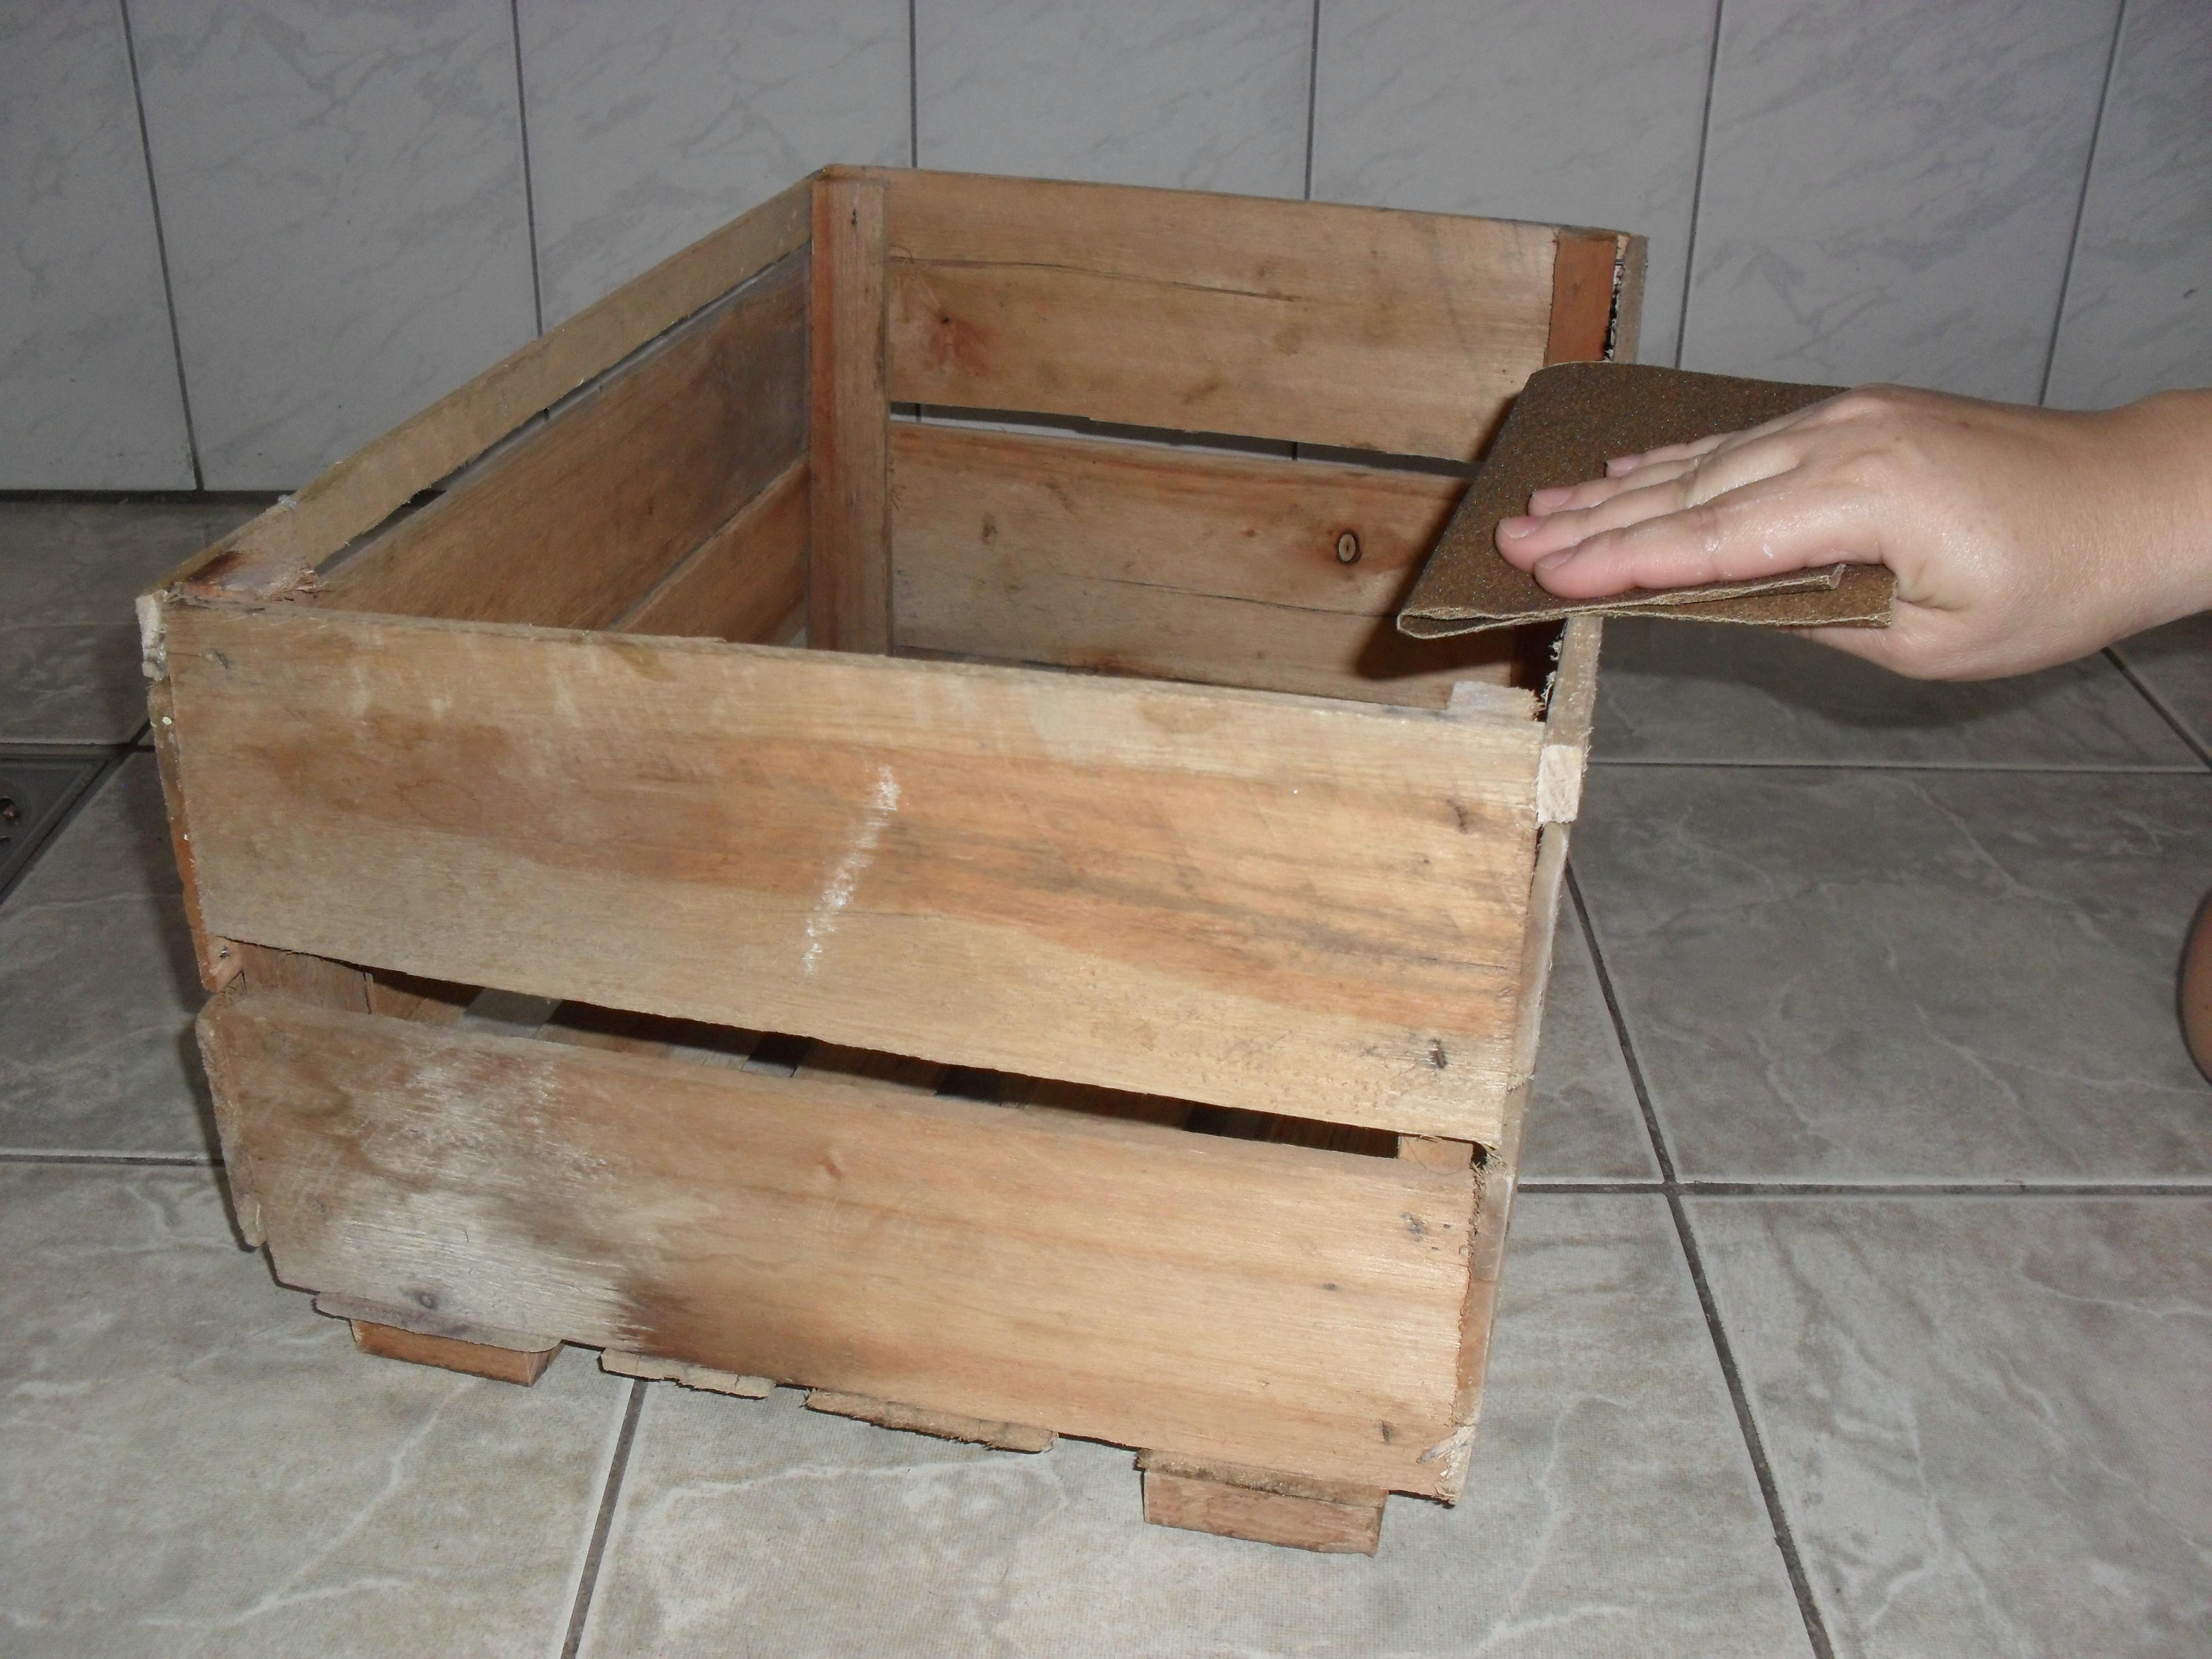 de madeira em 4 pedaços e colocar em baixo da caixa para fazer  #866945 4000x3000